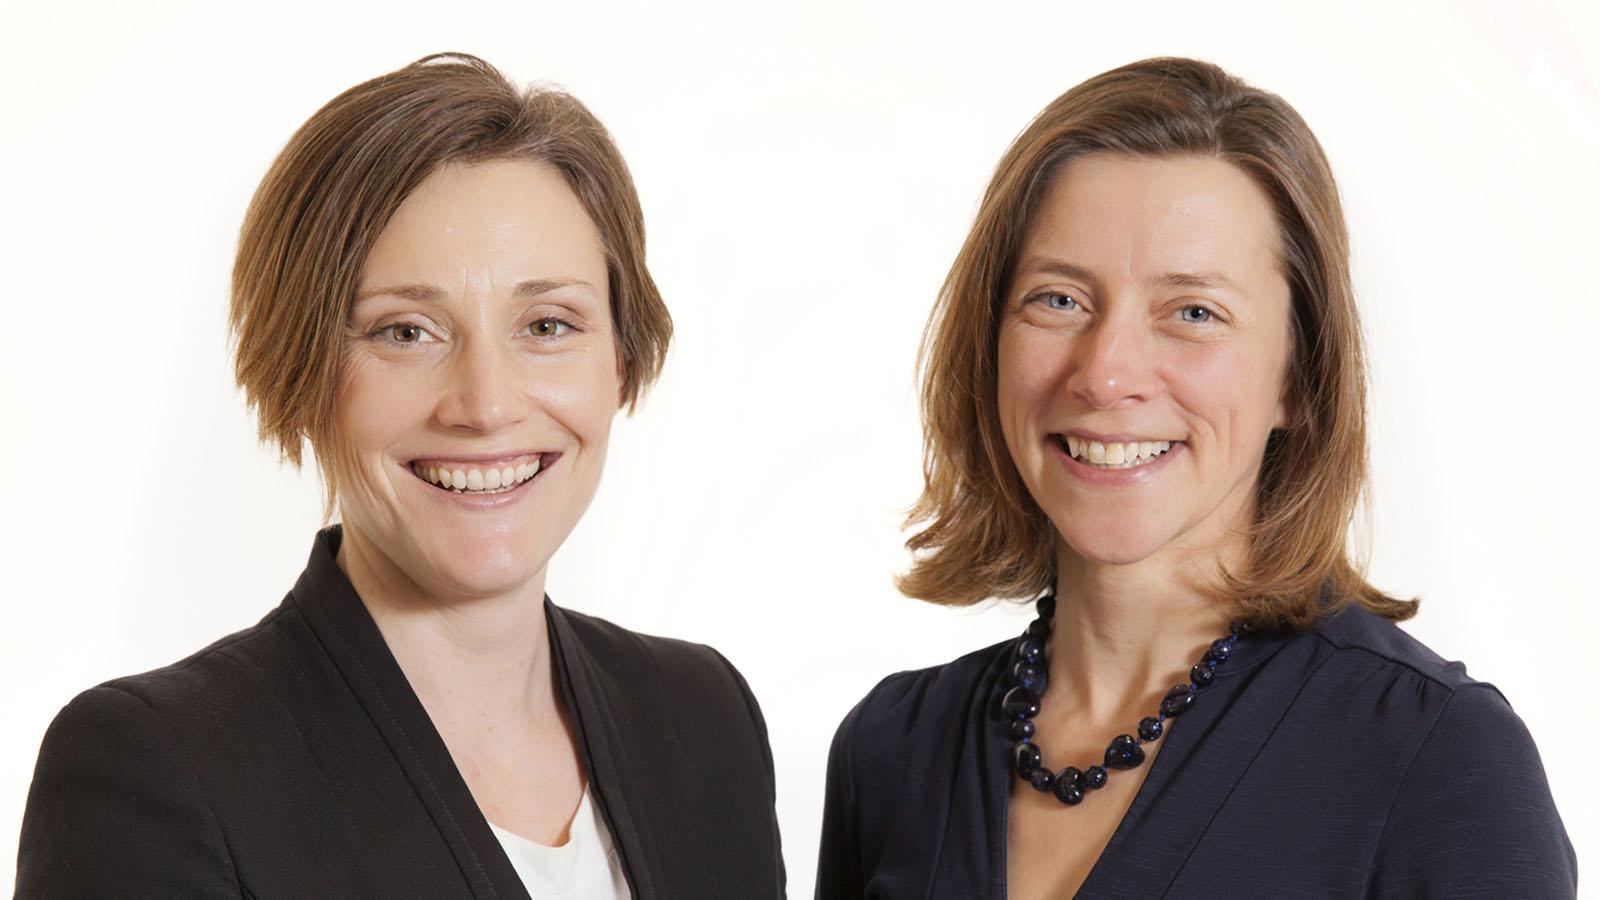 Directors - Delia and Nicolle